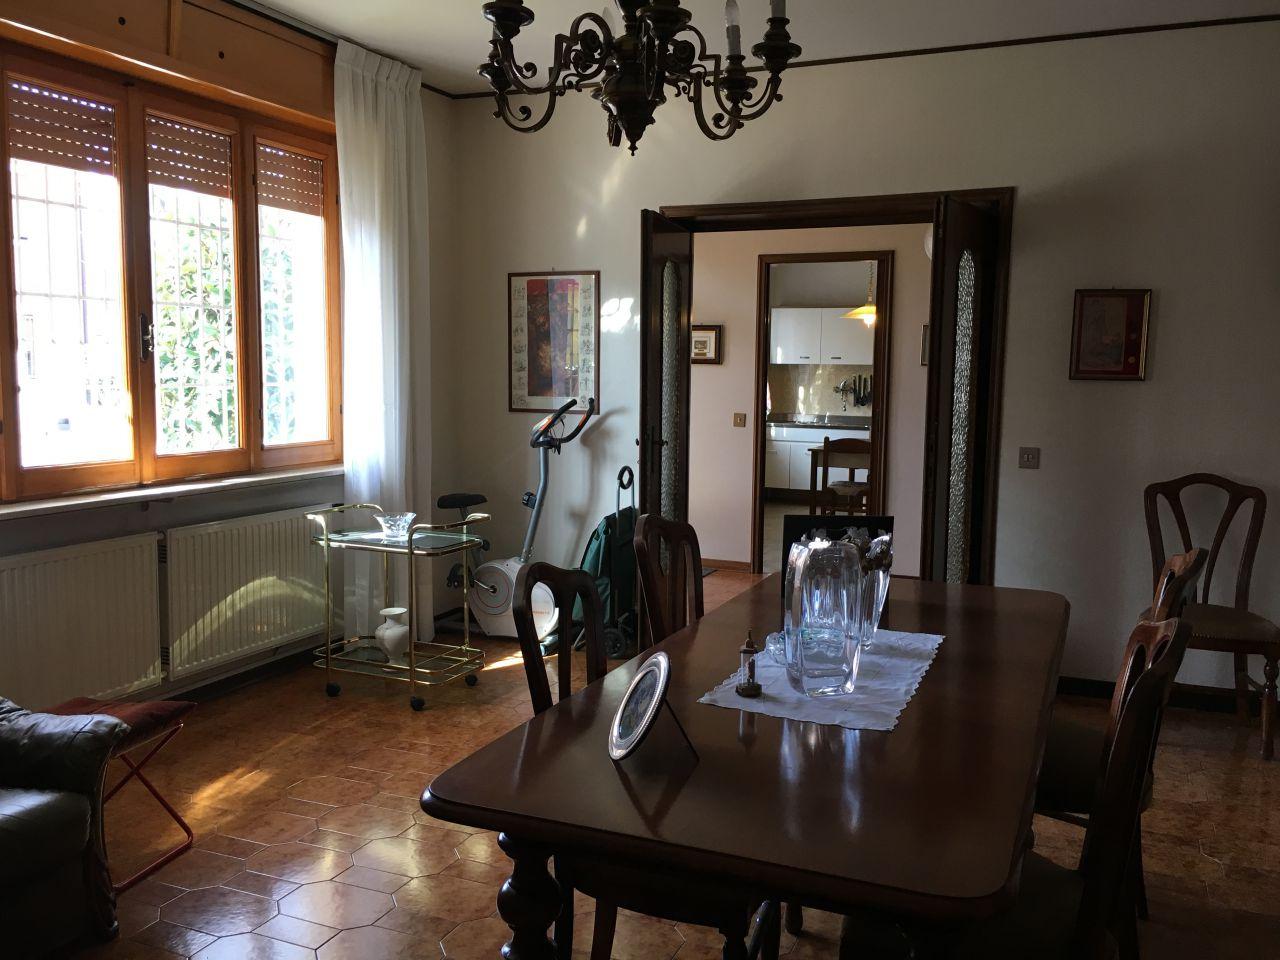 Appartamento in vendita a Rottofreno, 3 locali, zona Località: SAN NICOLO', prezzo € 175.000 | Cambio Casa.it